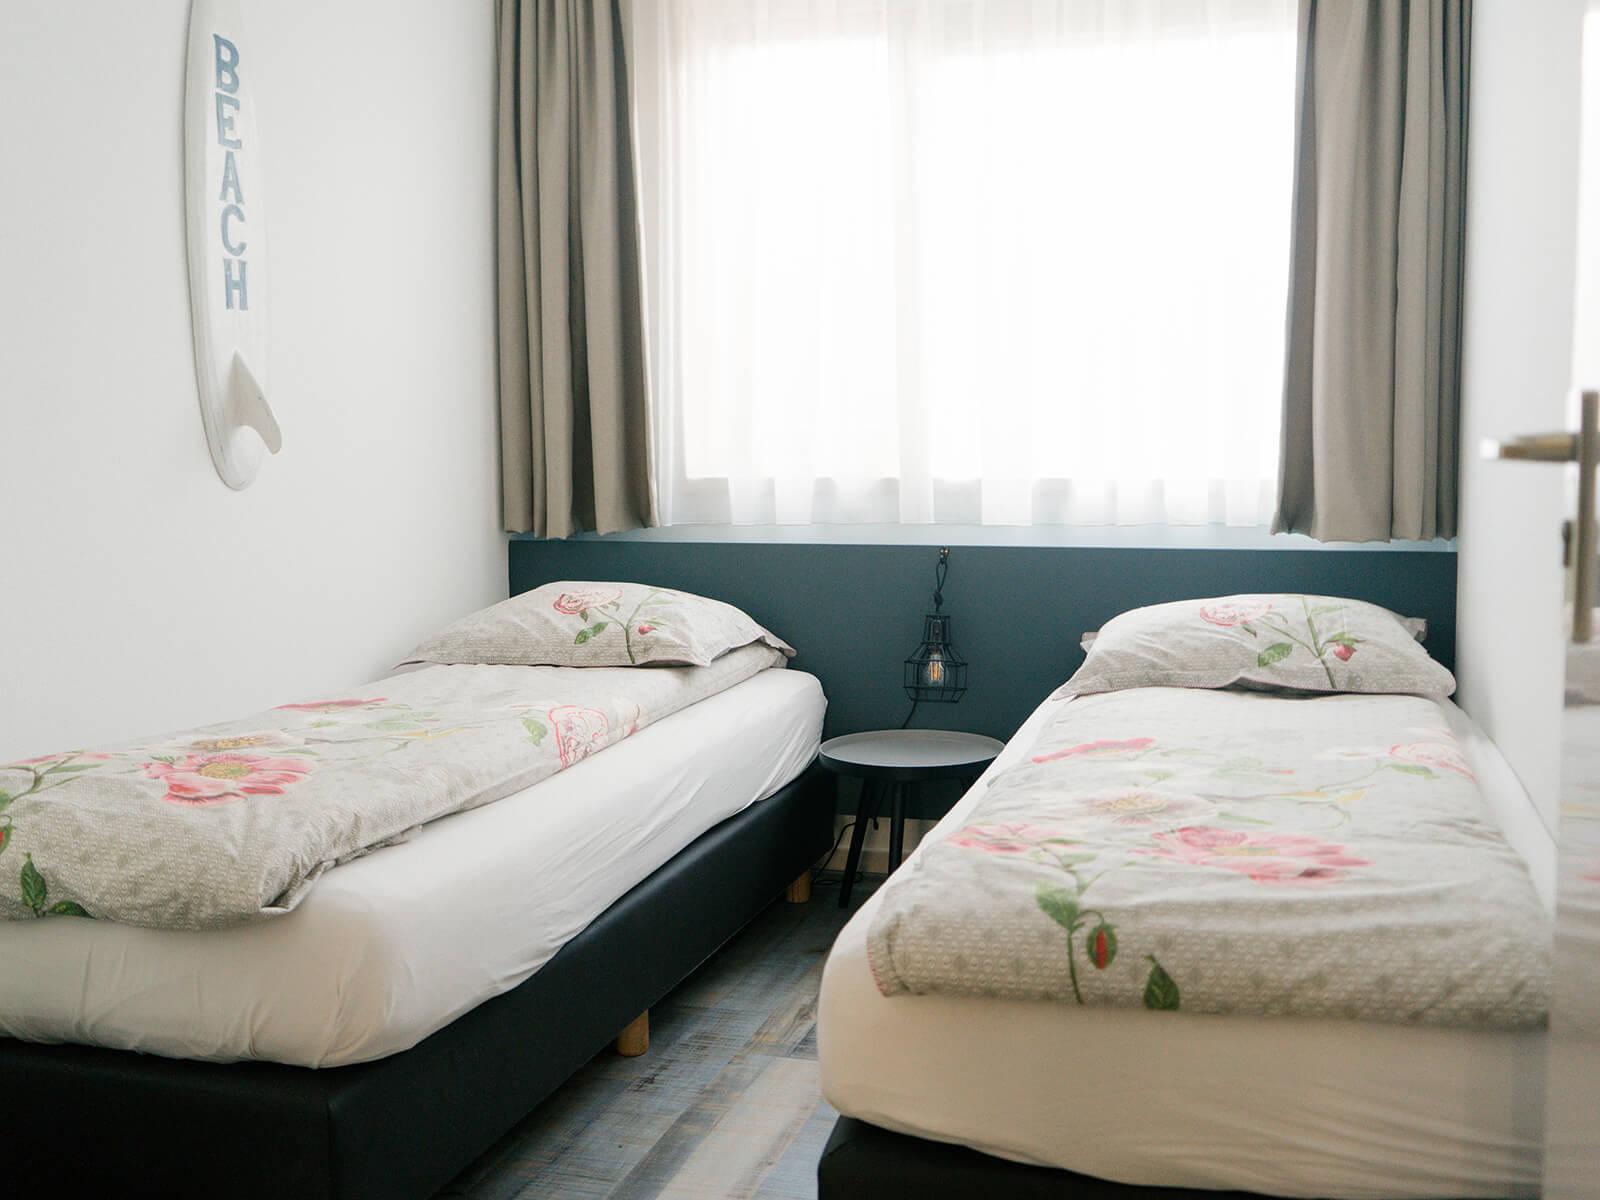 slaapkamer_1-2